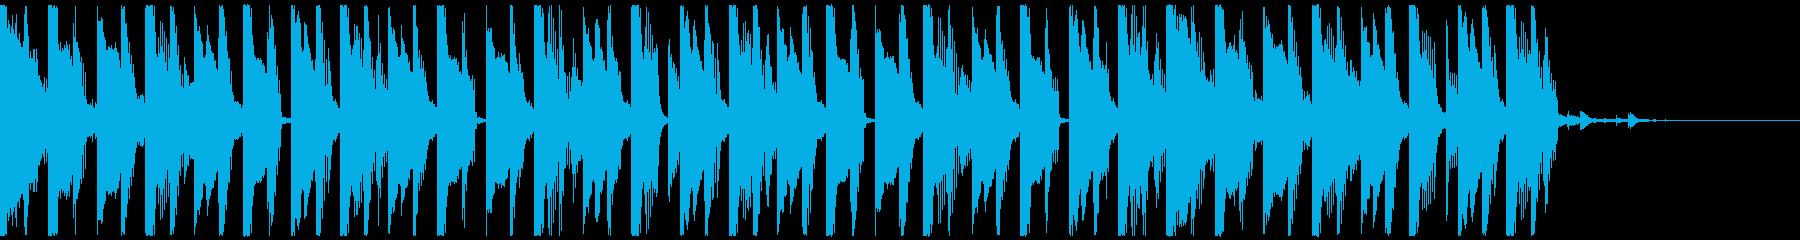 オシャレ・戦闘・スリリングEDM、③の再生済みの波形